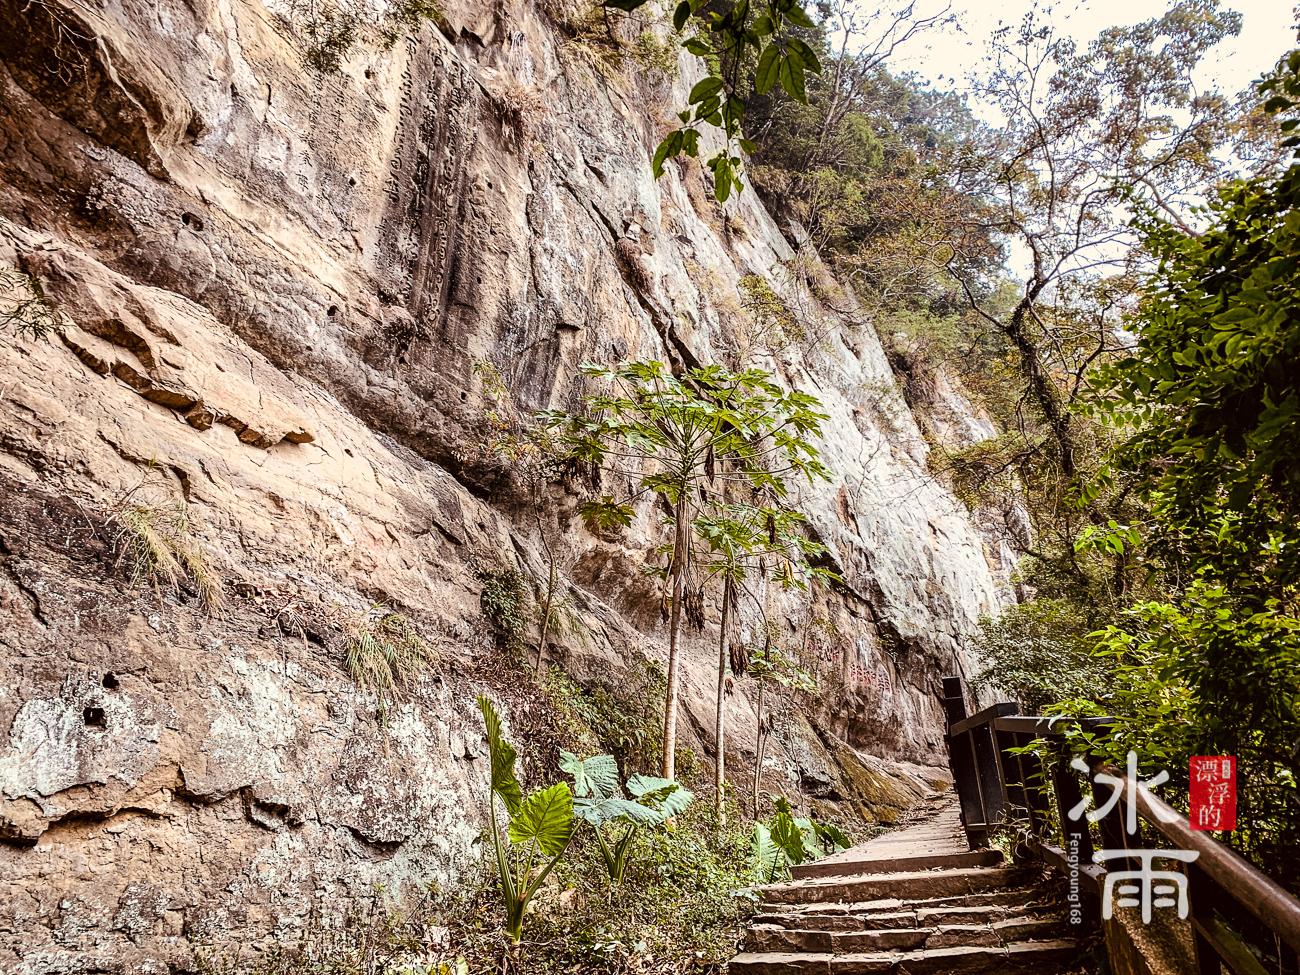 獅山古道|獅頭山風景區|登山步道